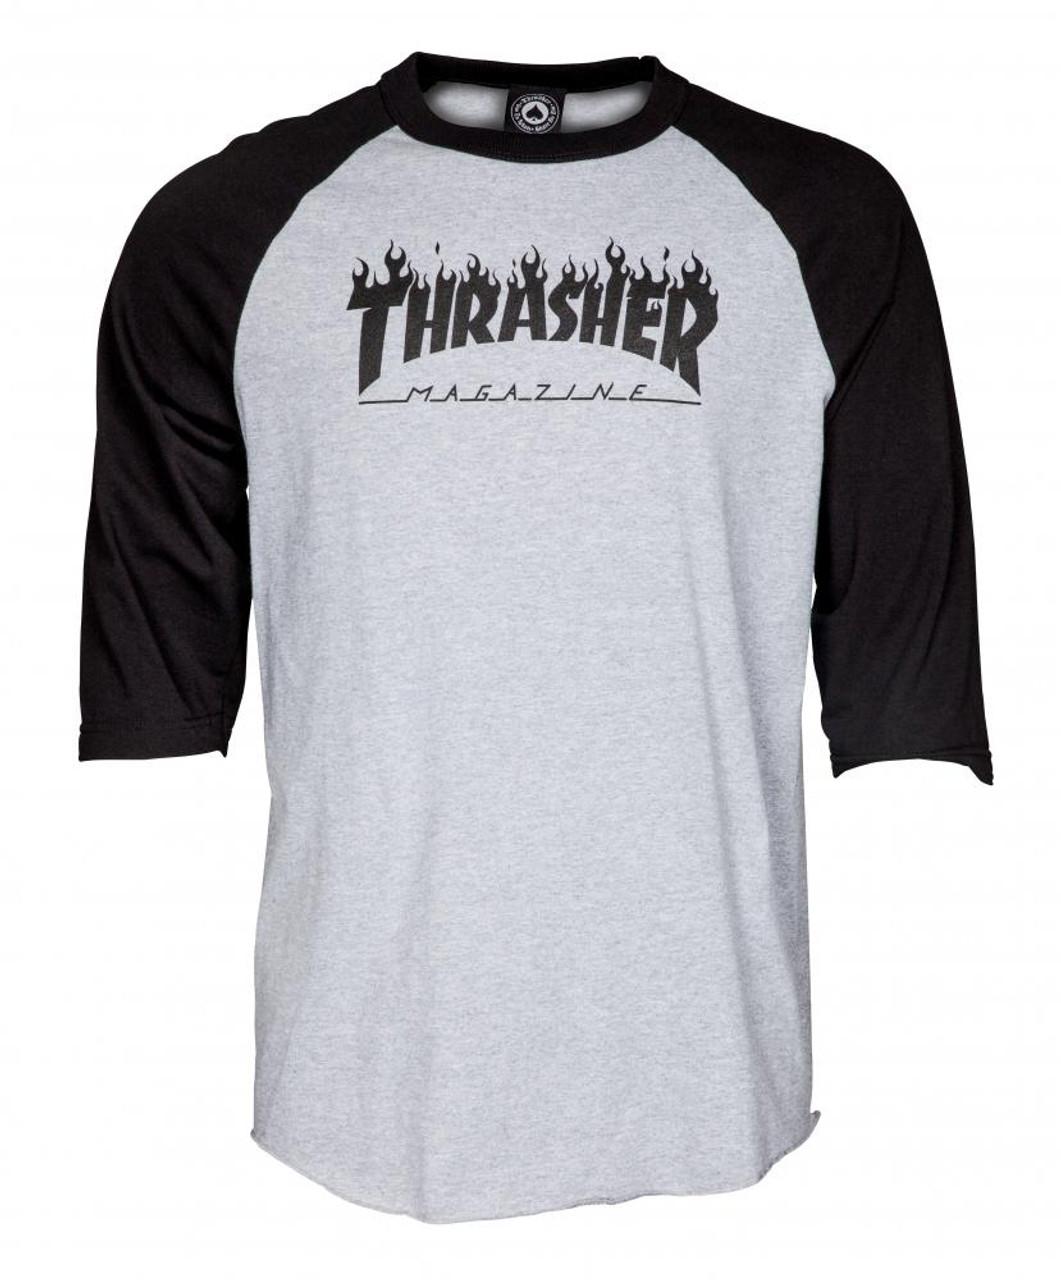 2dc714ff31a5 Thrasher Raglan T Shirt Flame Logo - RollBack World